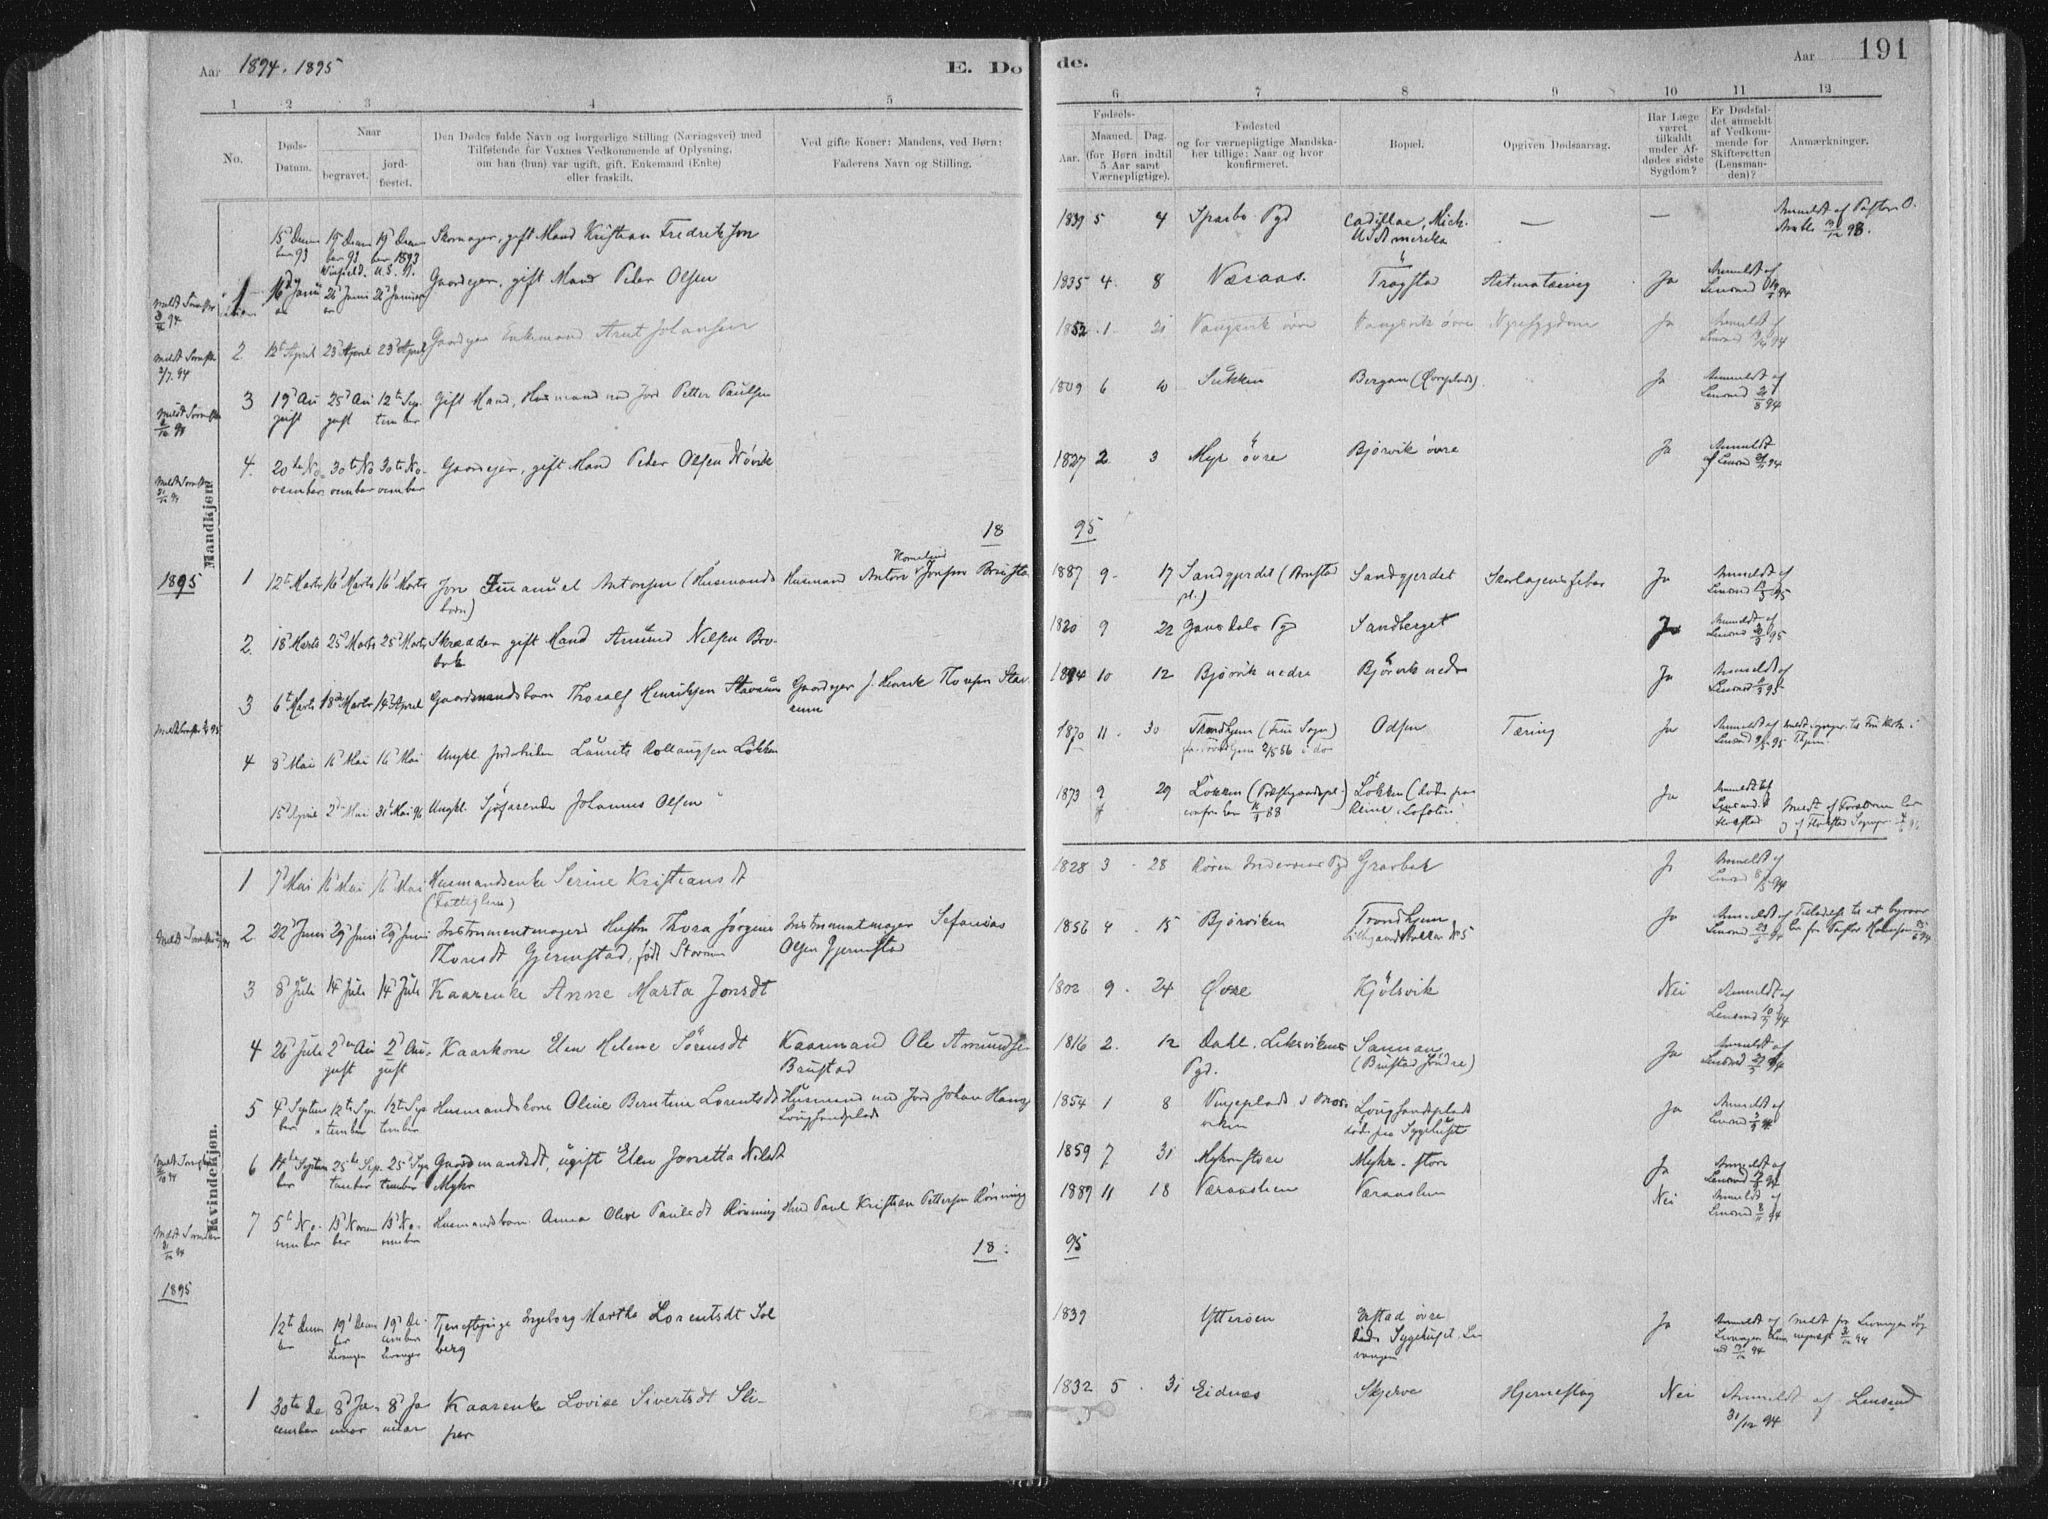 SAT, Ministerialprotokoller, klokkerbøker og fødselsregistre - Nord-Trøndelag, 722/L0220: Ministerialbok nr. 722A07, 1881-1908, s. 191